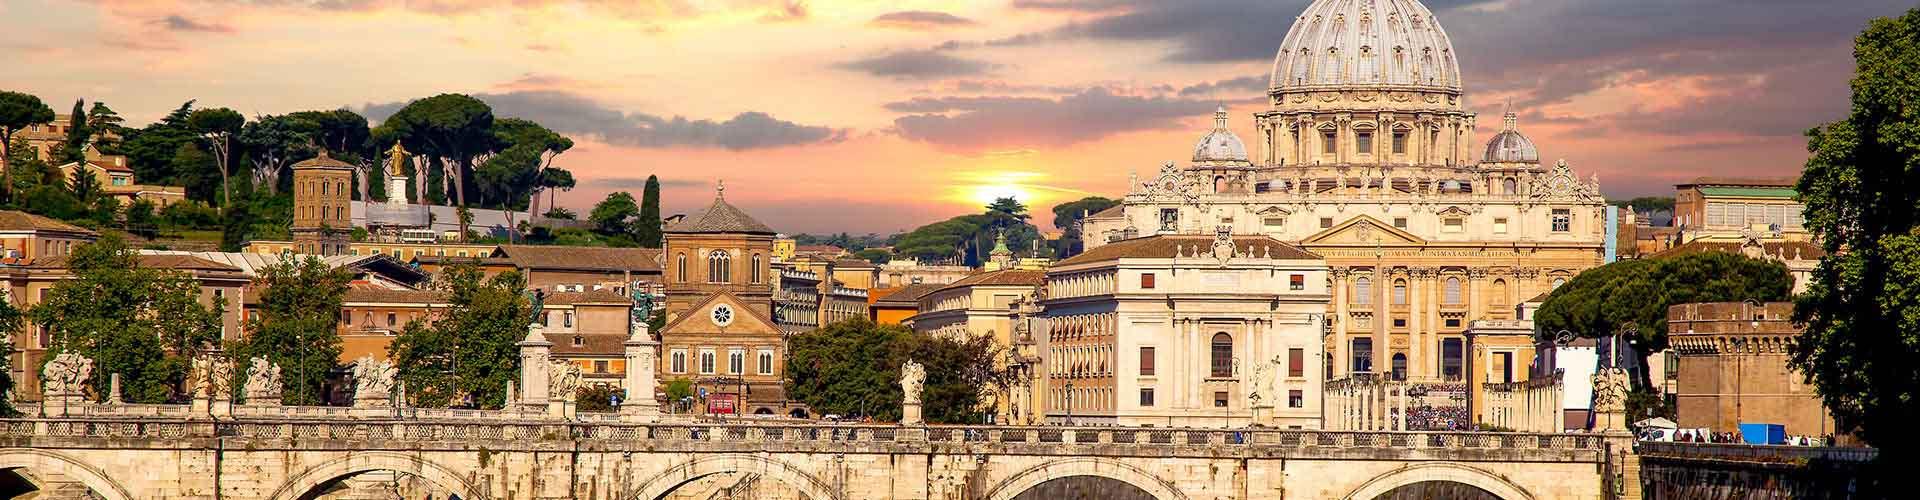 罗马 – 罗马 附近的青年旅舍。罗马地图,罗马 所有青年旅馆的照片和评分。